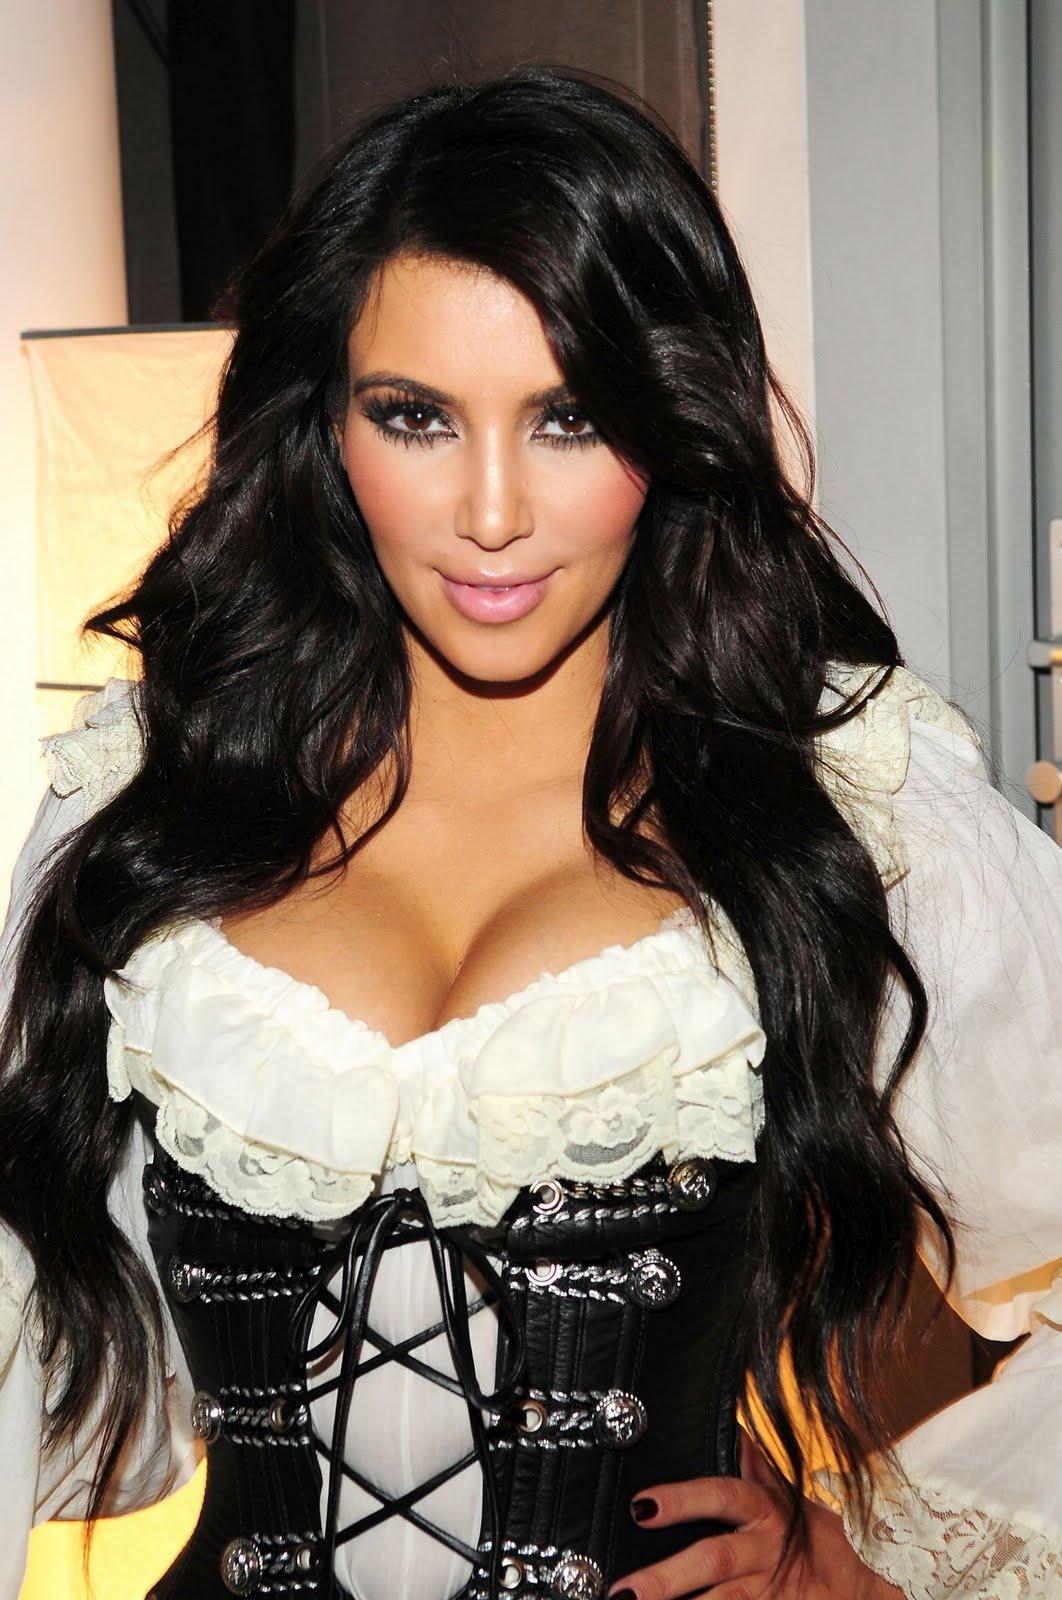 http://3.bp.blogspot.com/-cenDwdEGtMY/Tf1gVY_RRuI/AAAAAAAAAB4/9iZyySMOyL4/s1600/Kim-Kardashian-sexy-1818516.jpg#kim%20kardashian%20sexy%201062x1600